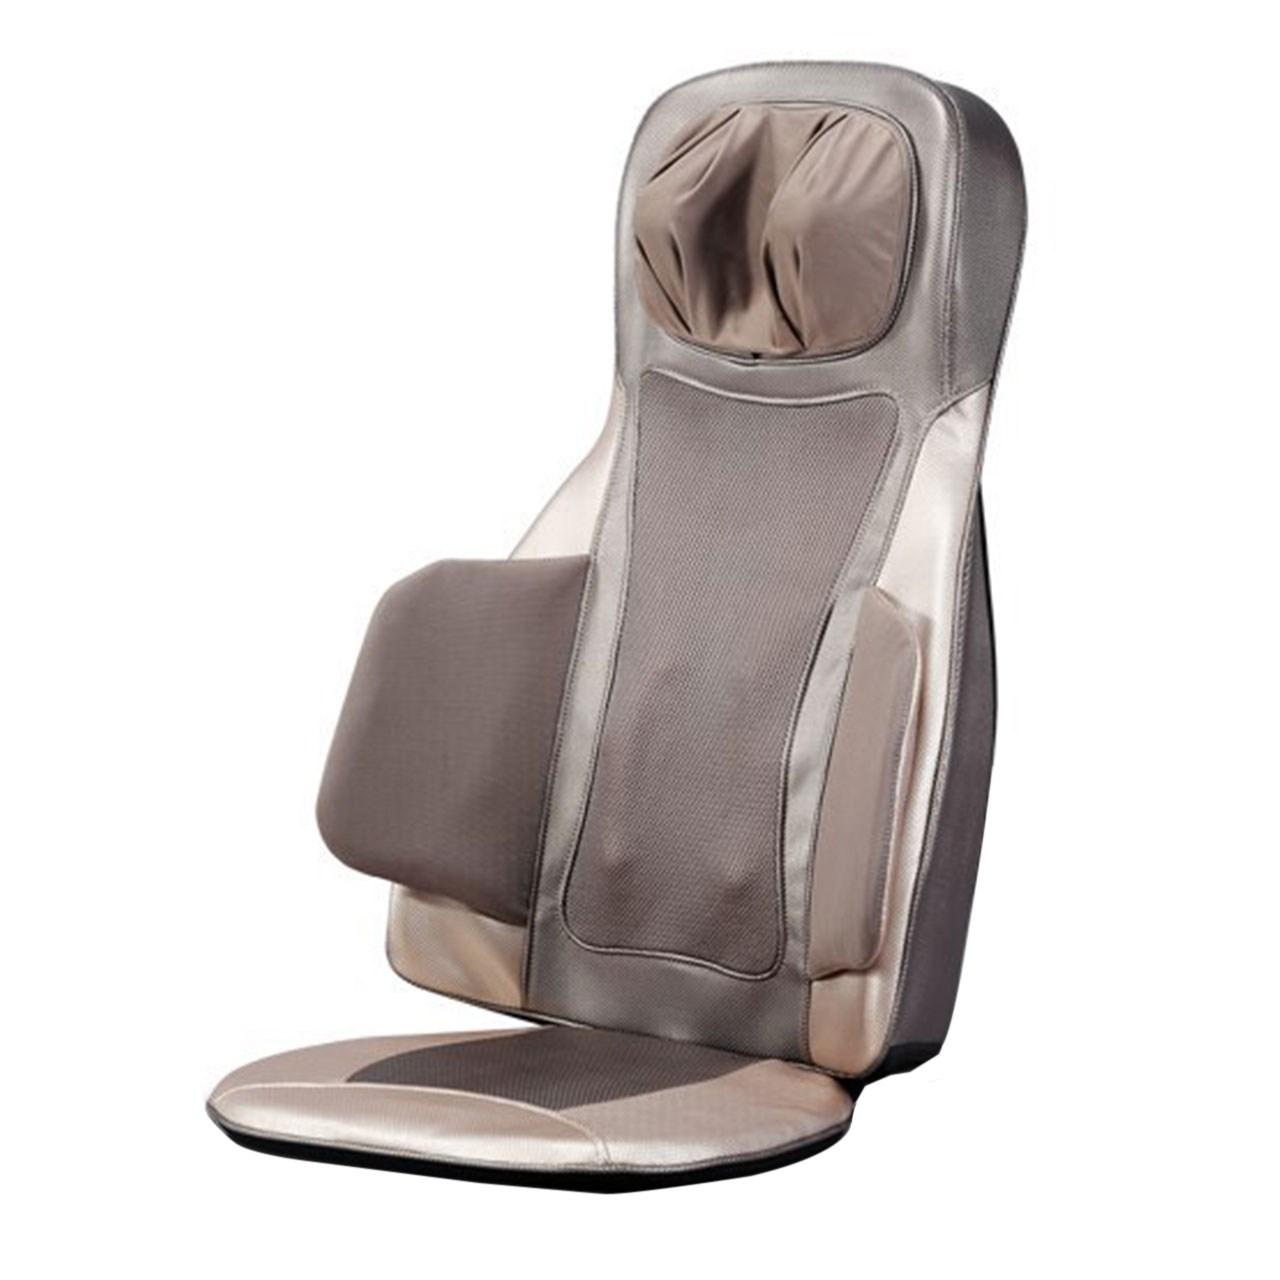 روکش صندلی ماساژور آی رست iRest Massage Chair SL-D258-S |